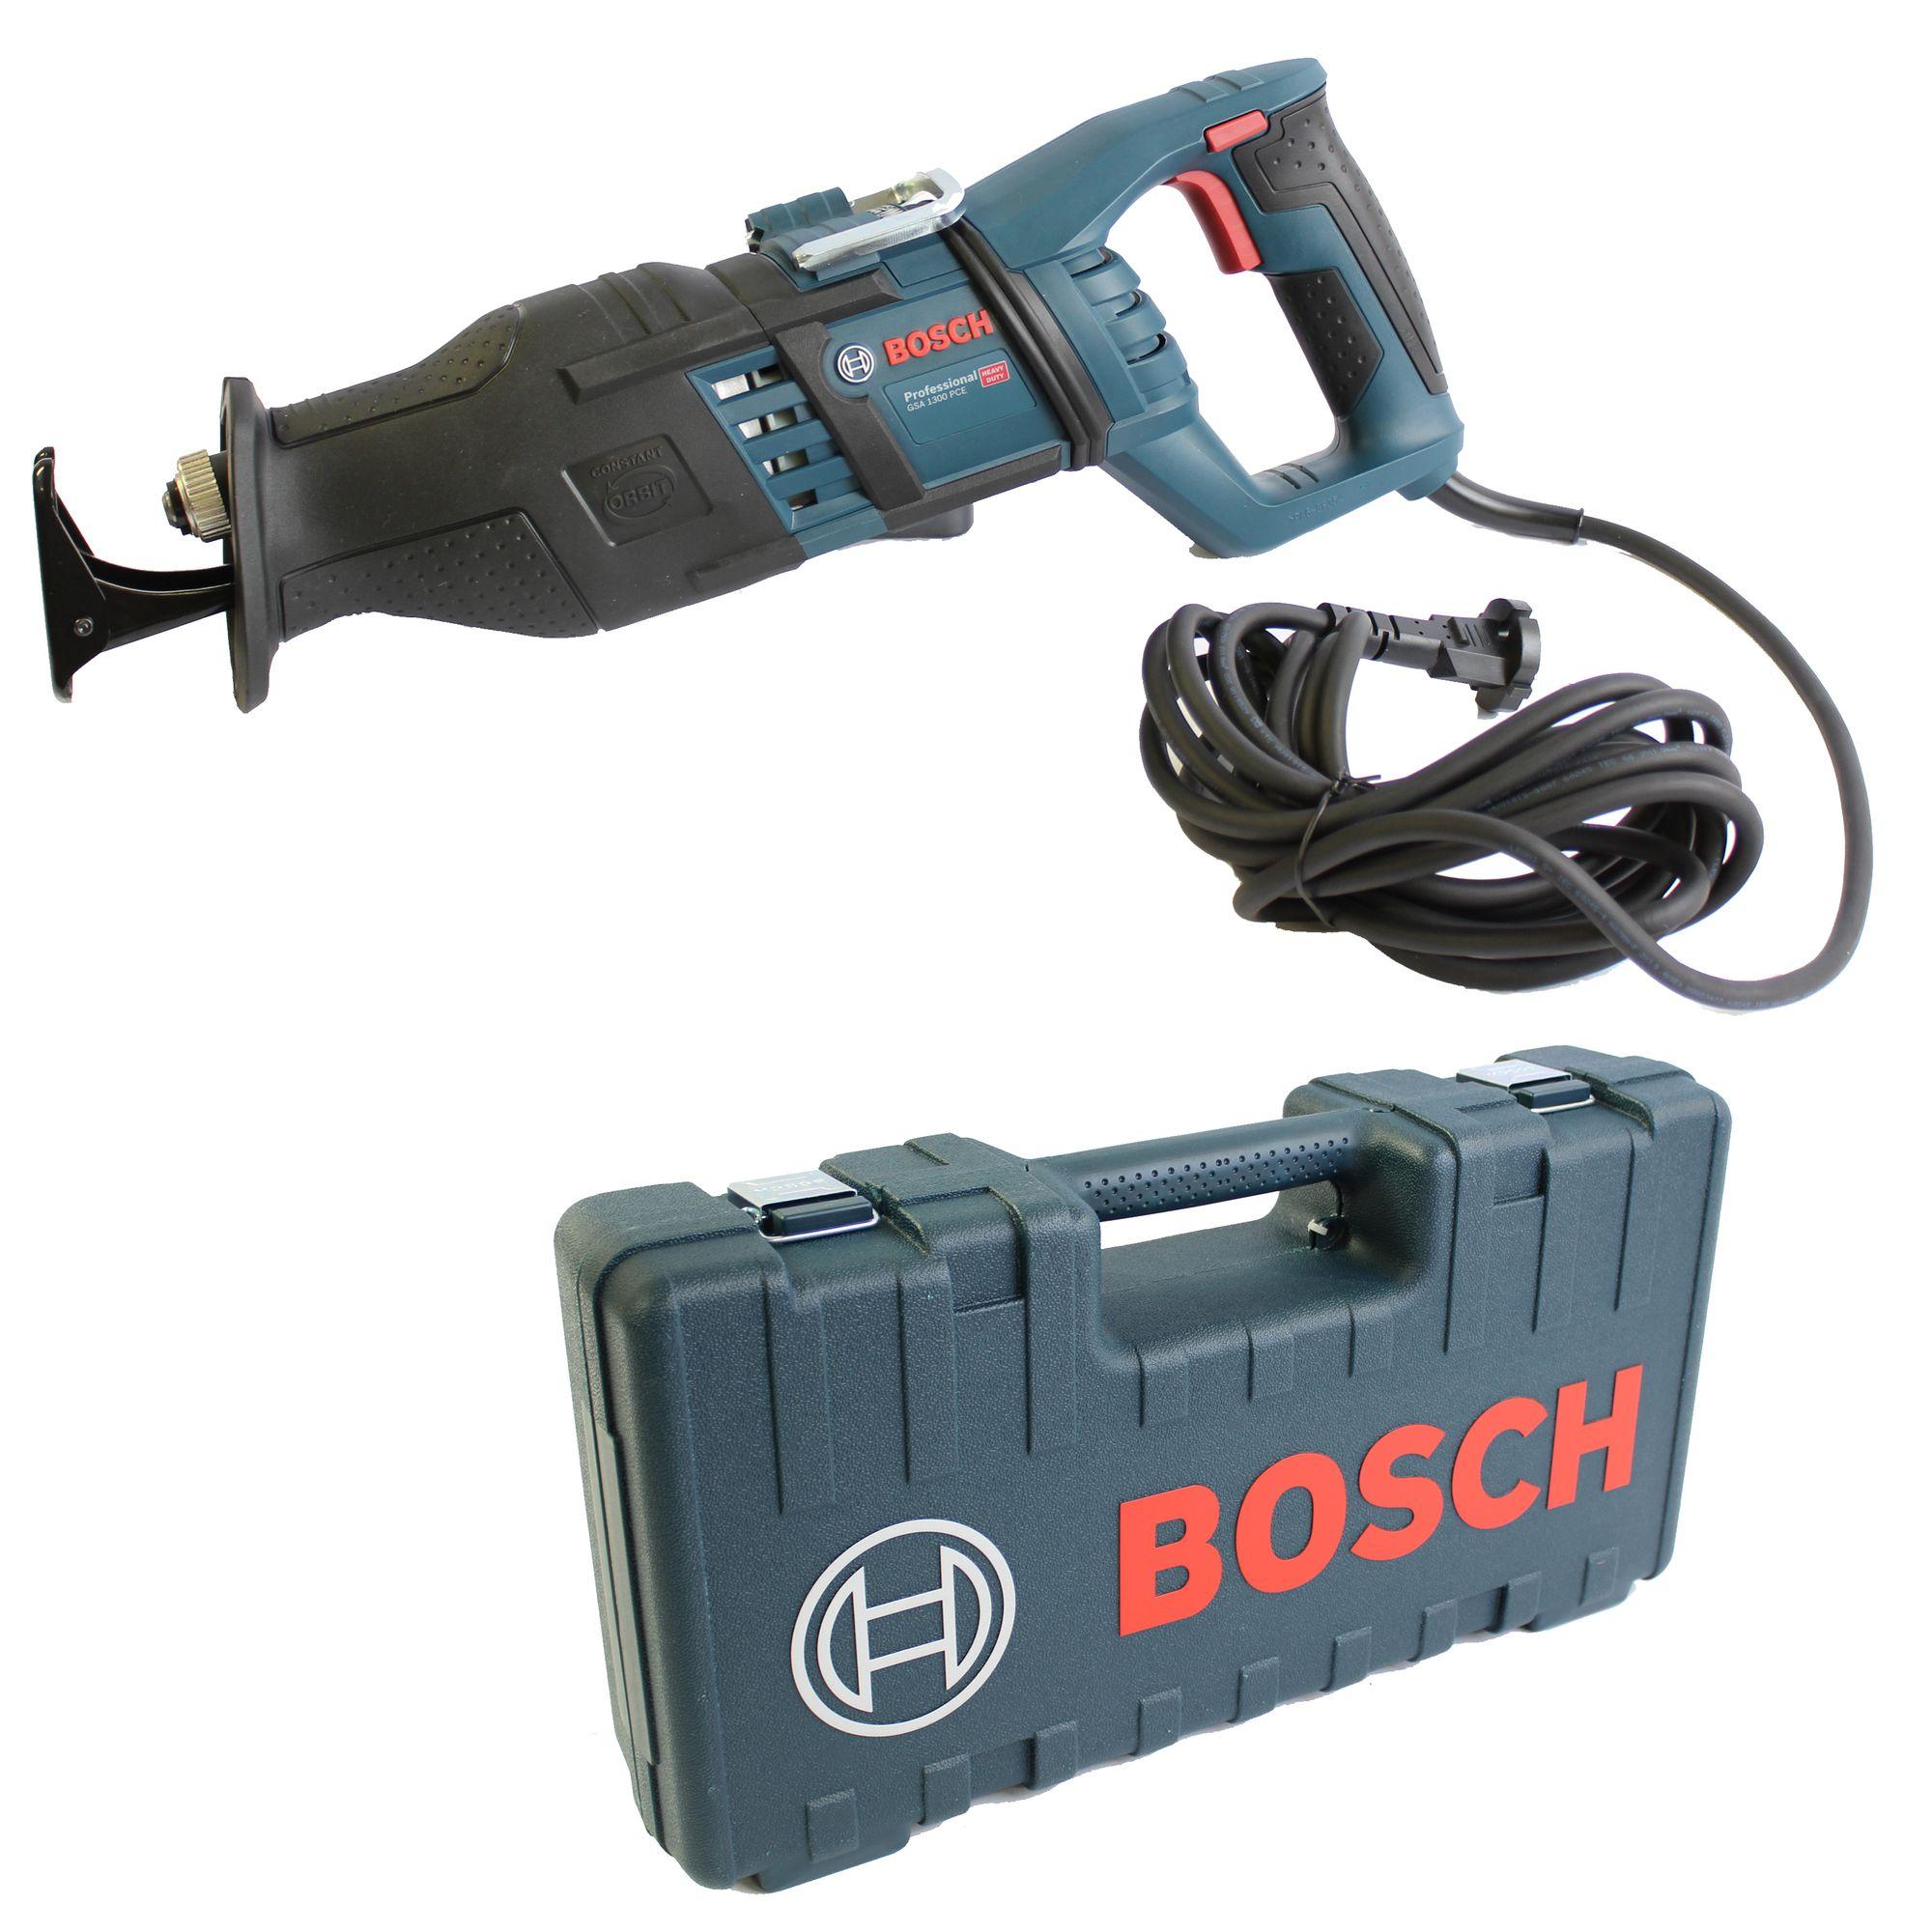 Bosch Gsa 1300 Pce Sabre Saw Daftar Harga Terbaru Dan Terlengkap Mesin 1300w Sbelsge Im Koffer Ohne Sgebltter